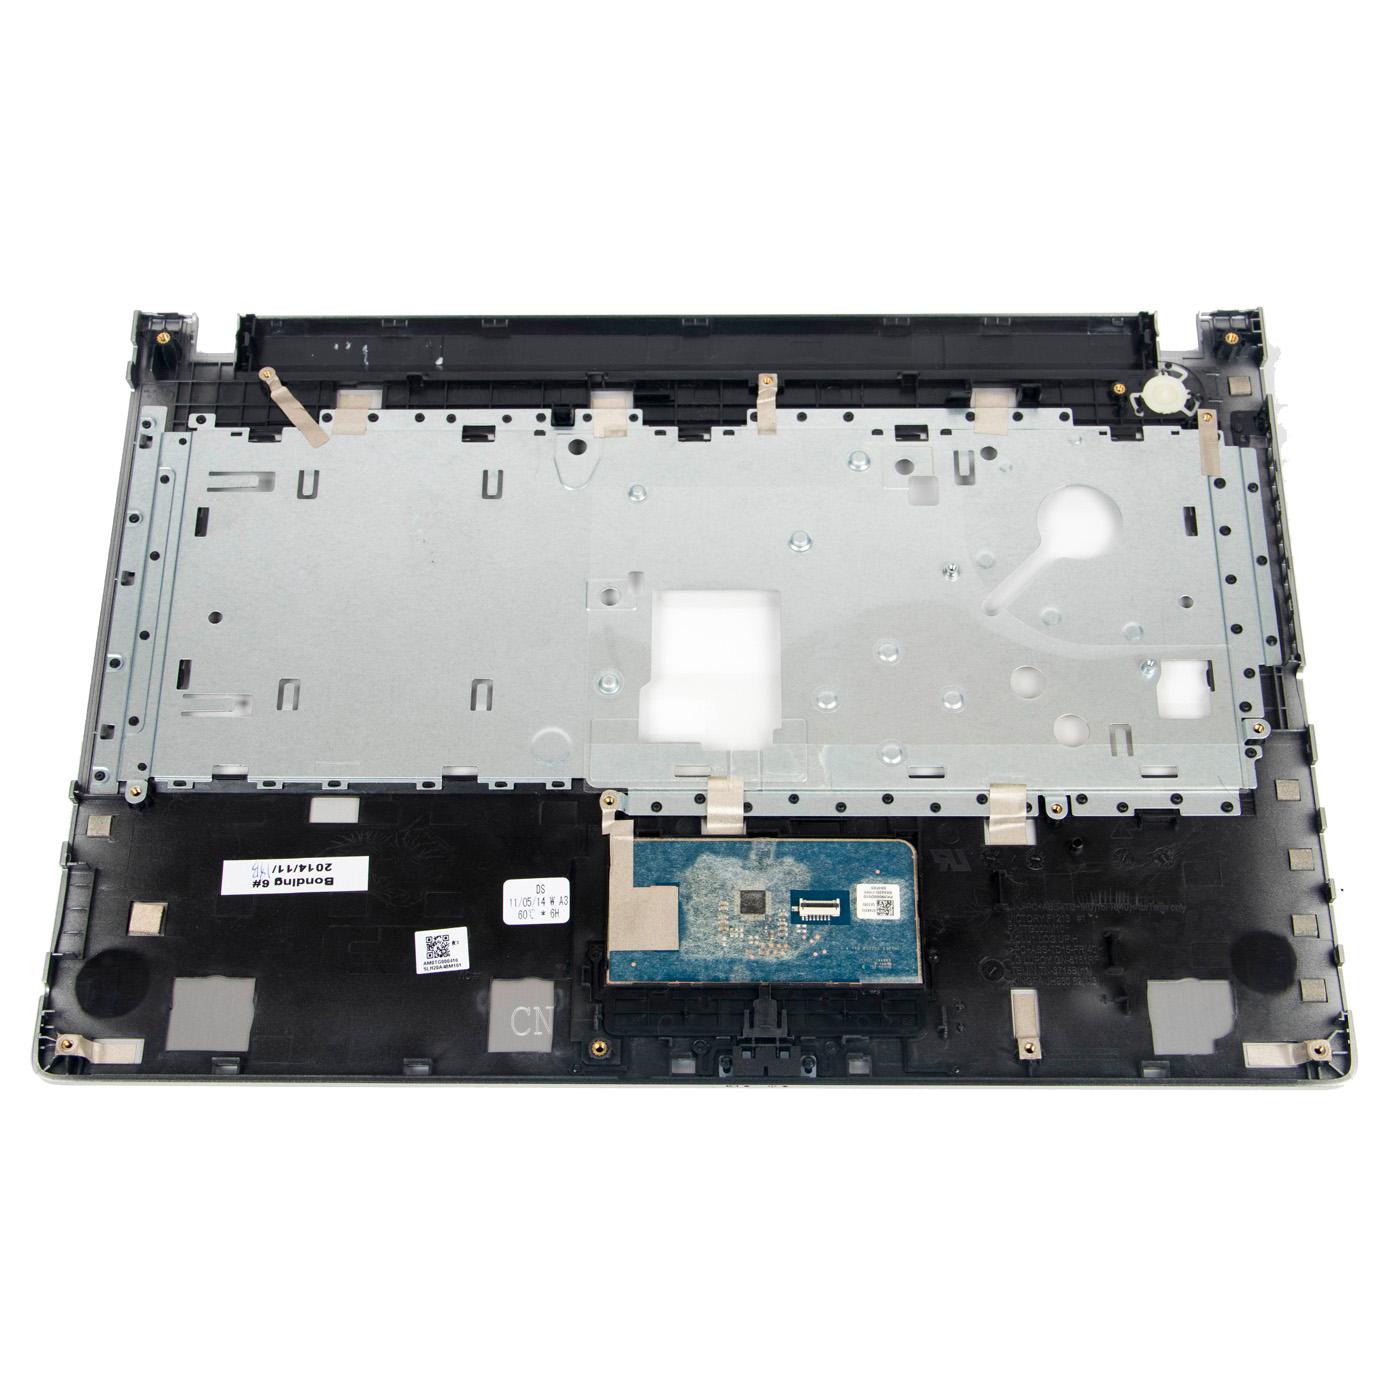 Palmrest Touchpad Lenovo Ideapad Z40 G40 70 75 Silver Keyboard Laptop 30 45 Am0tg000410